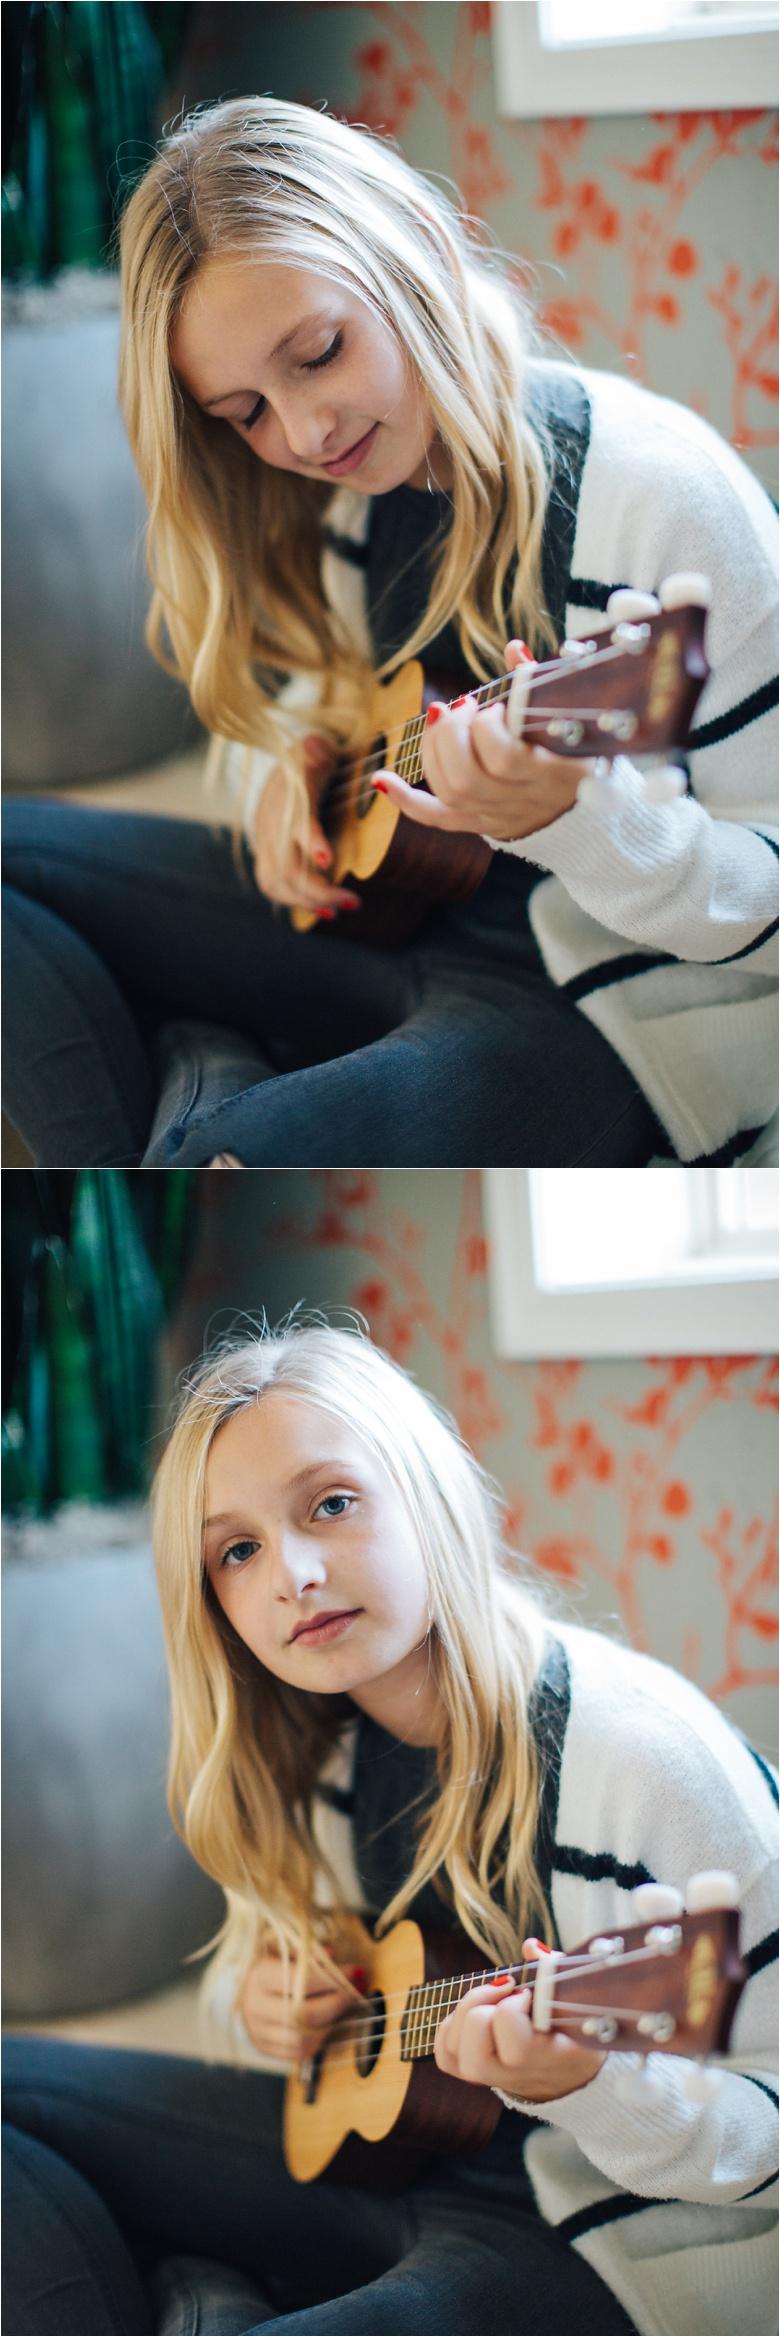 kansascitylifestylephotographer_0007